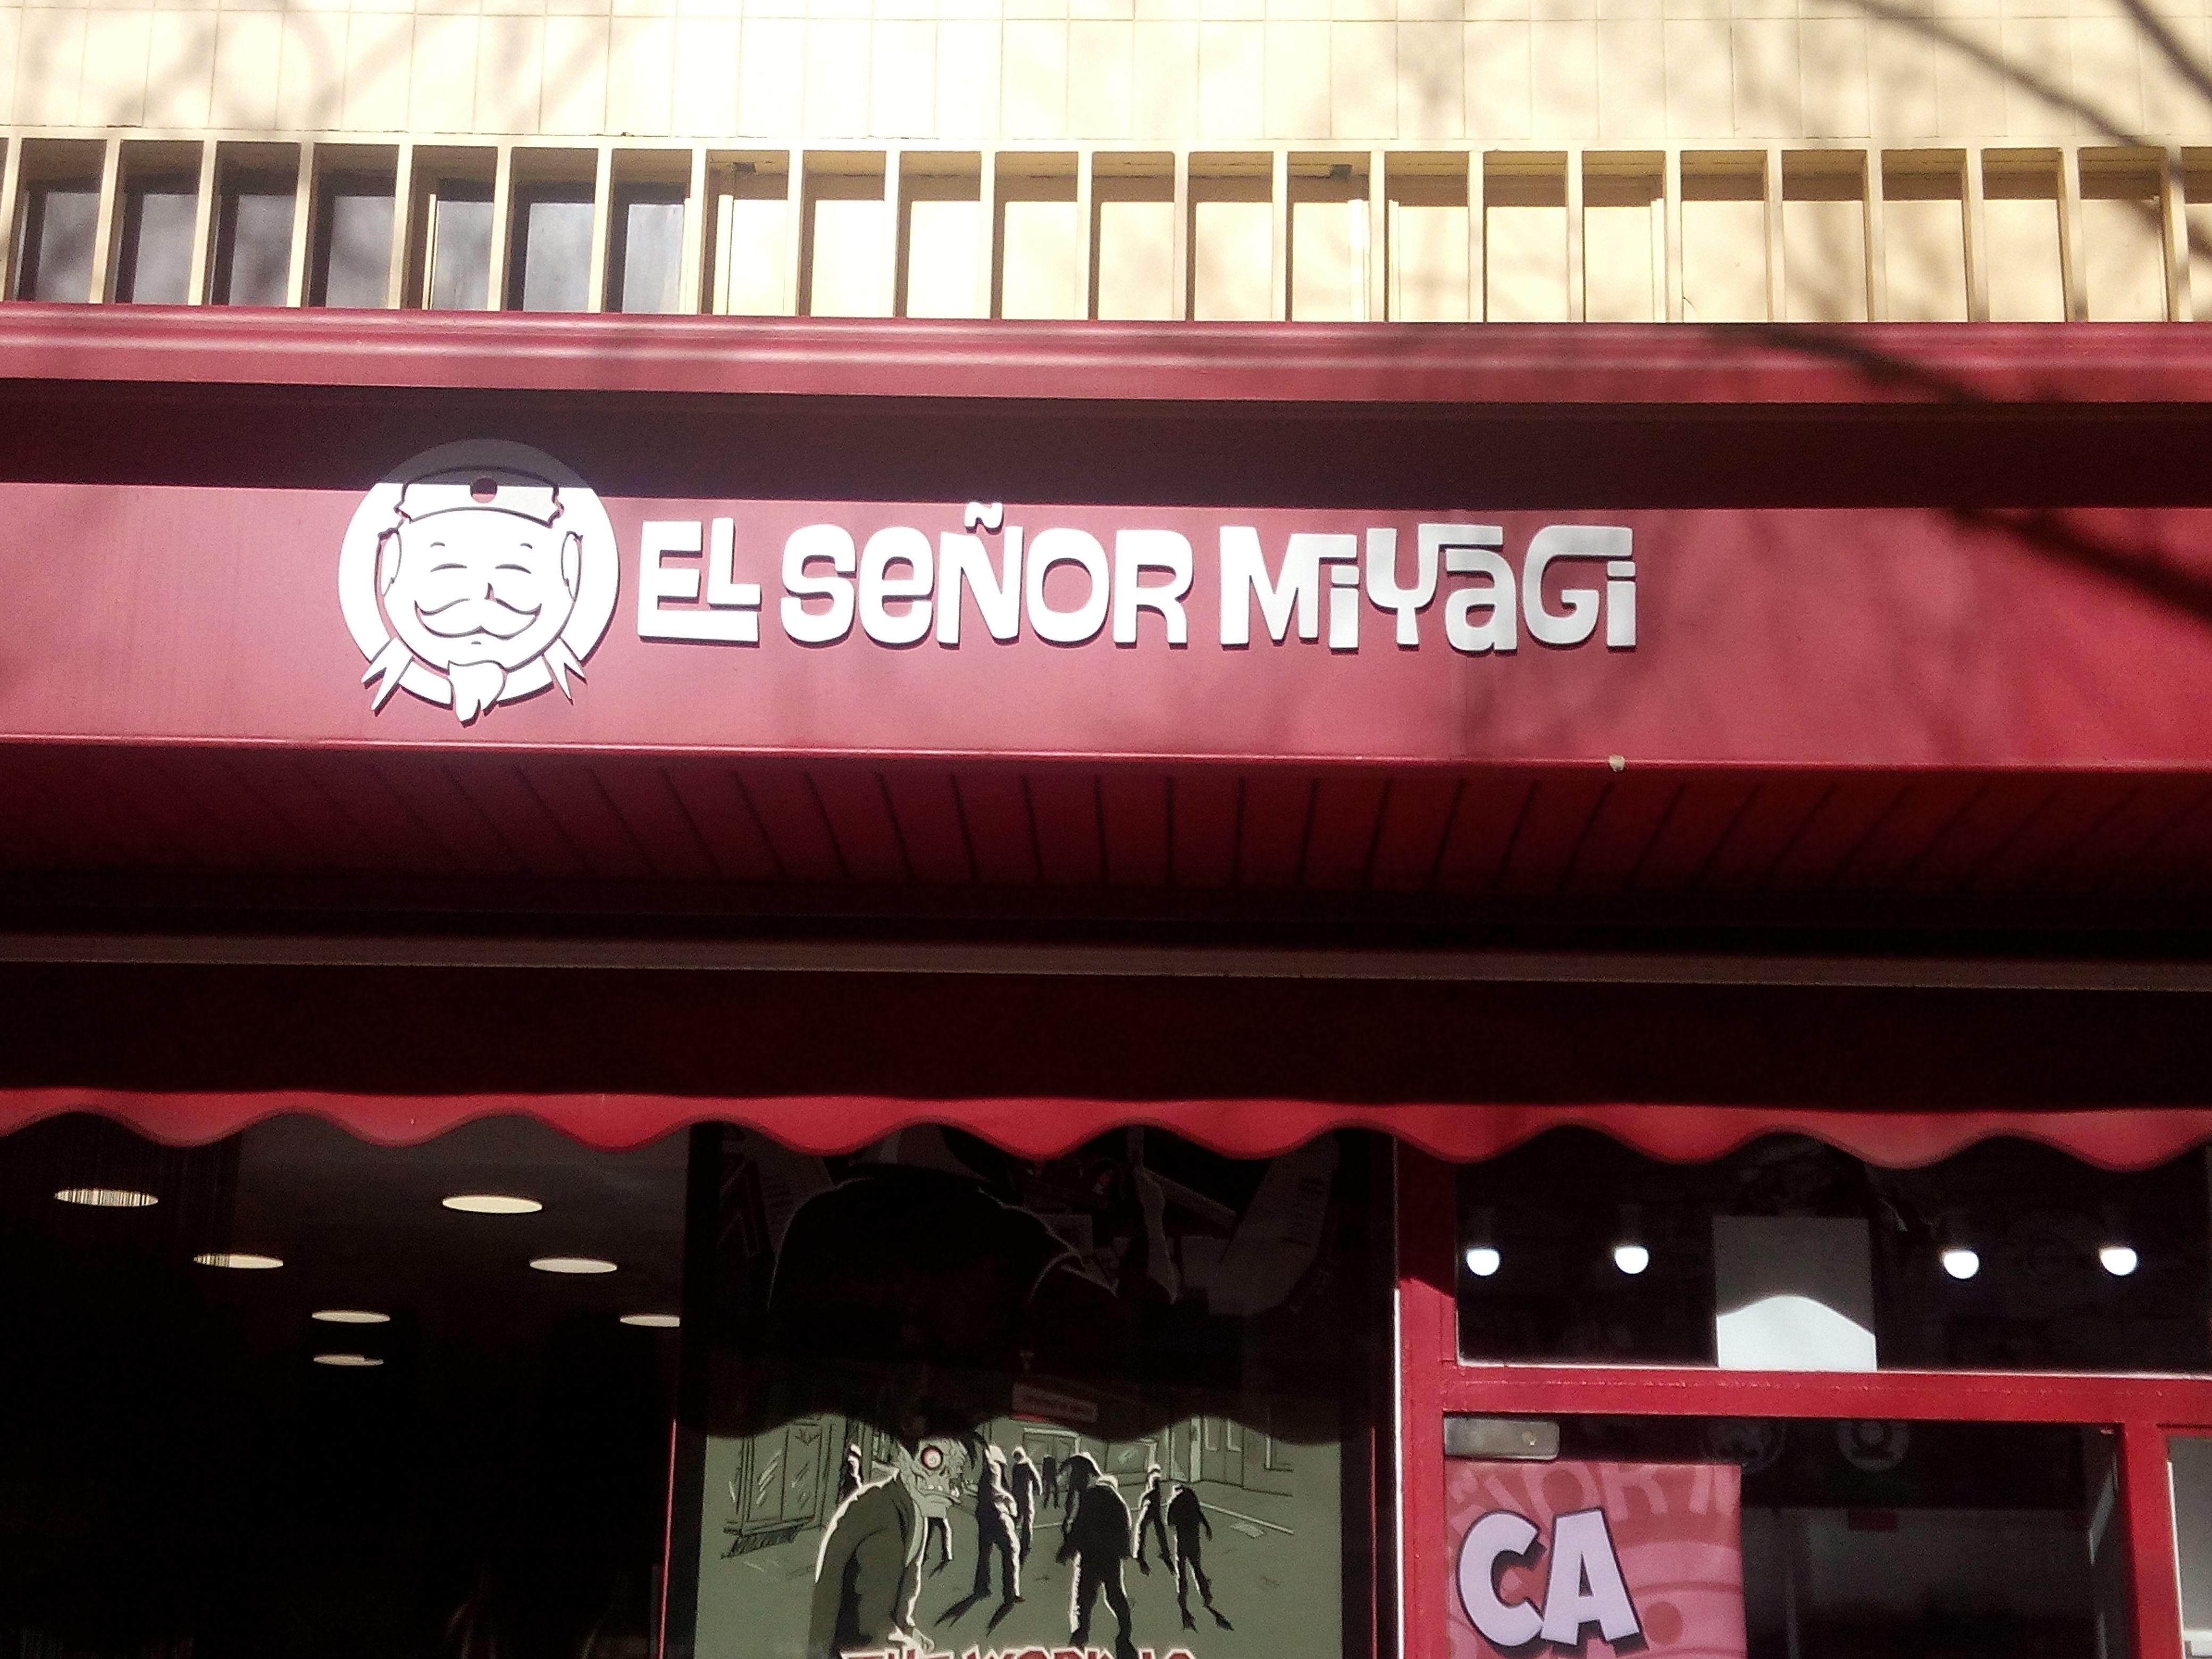 Tienda De Ropa El Senor Miyagi Calle Alcala 181 Fantasia